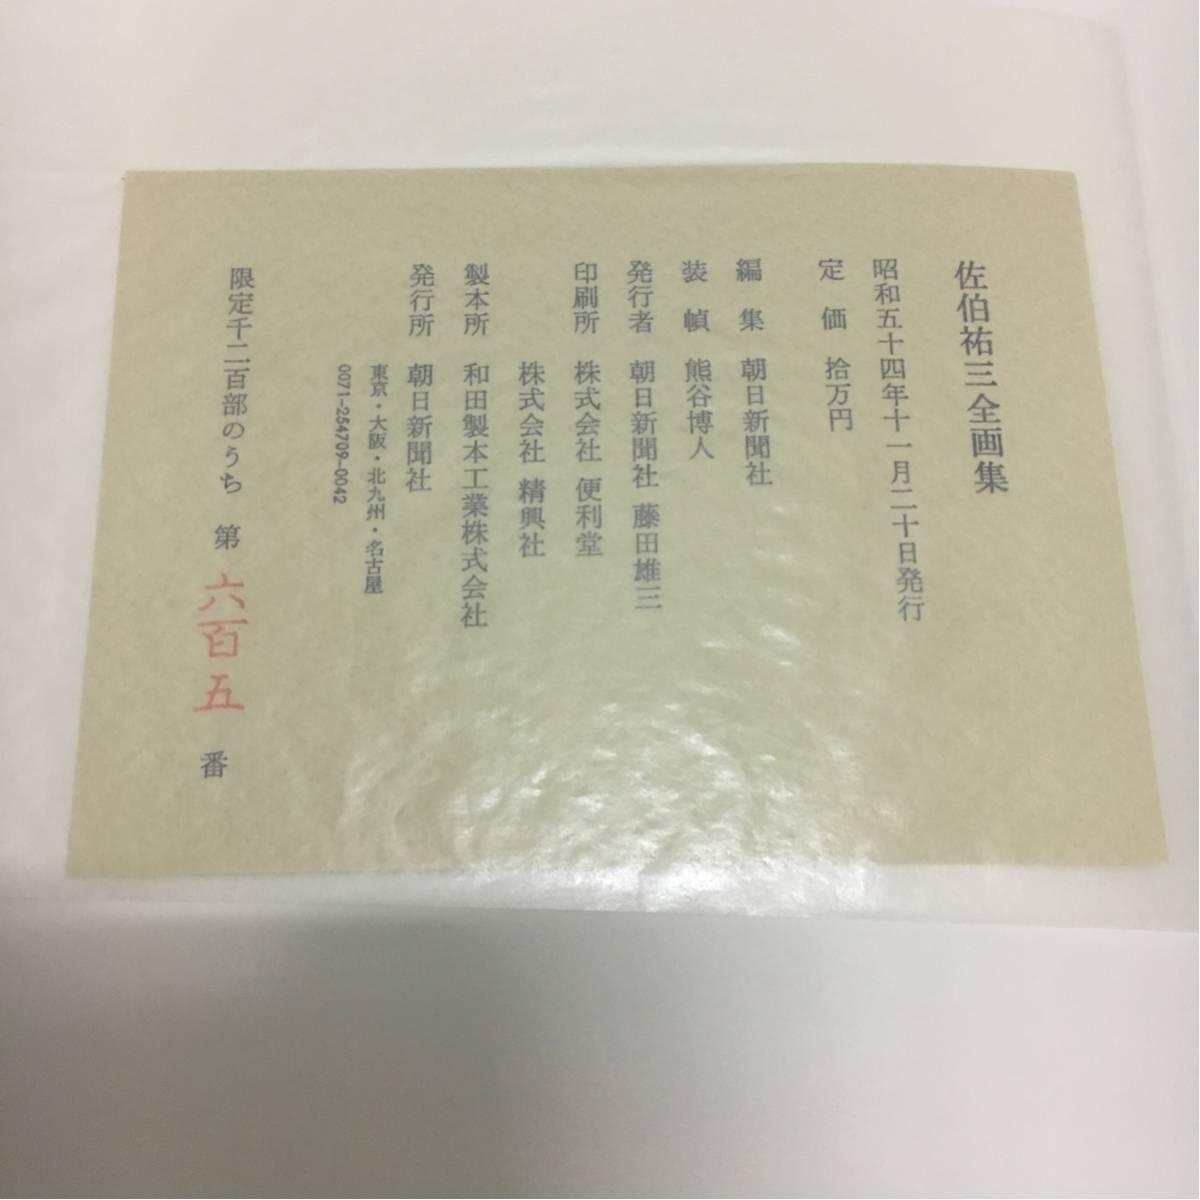 昭和54年「佐伯祐三全画集」朝日新聞社 限定版 定価10万円_画像3